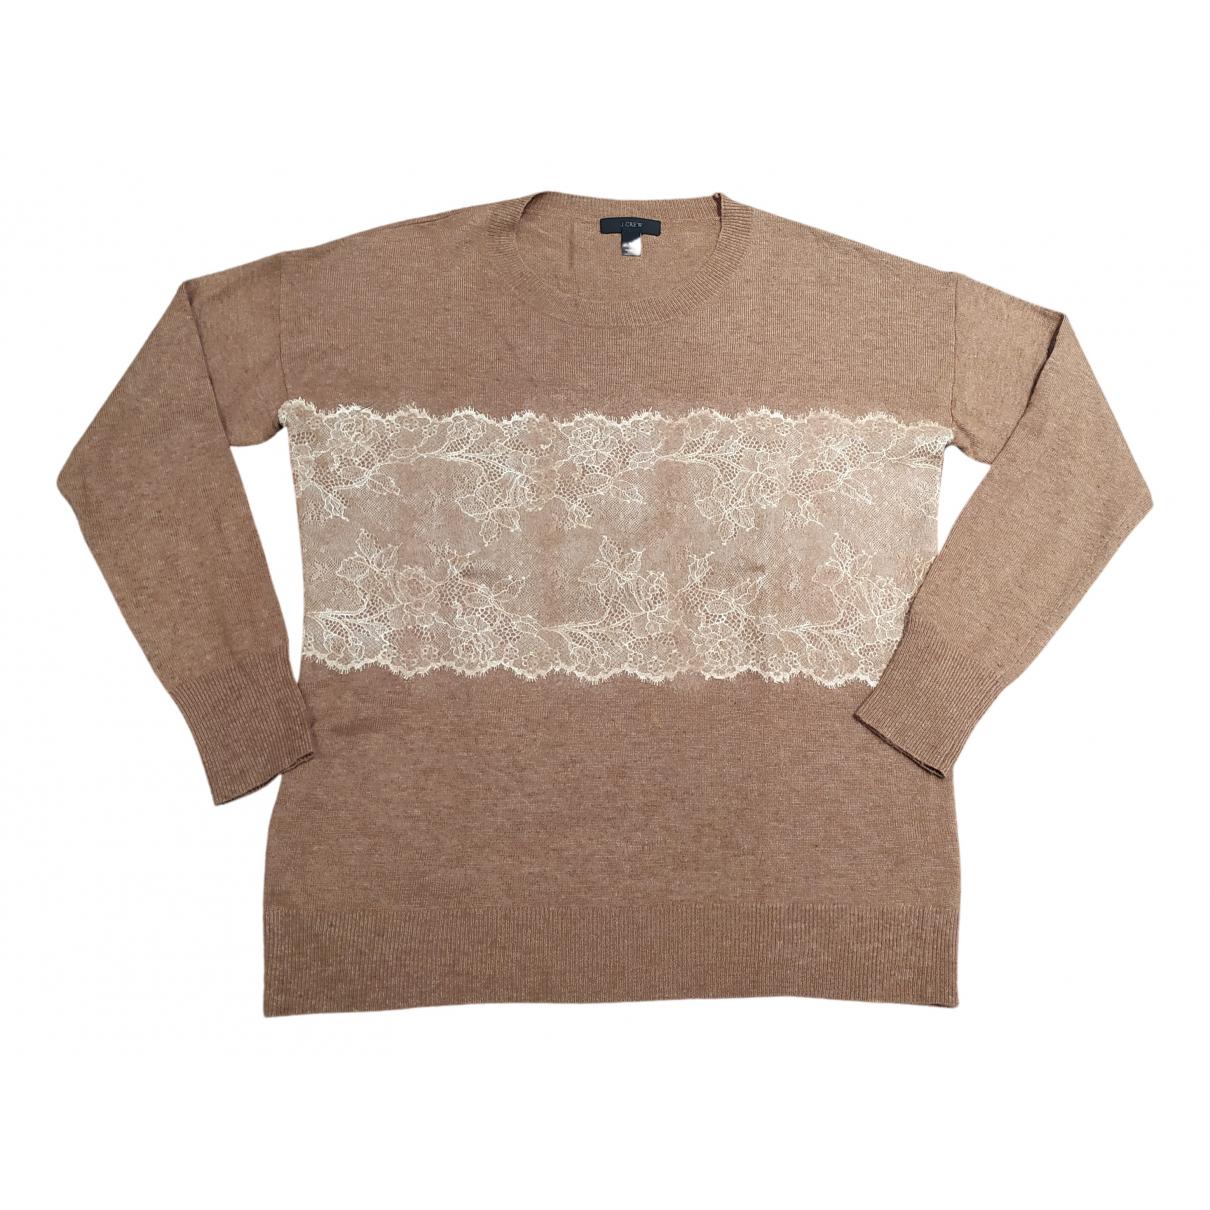 J.crew N Brown Wool Knitwear for Women S International